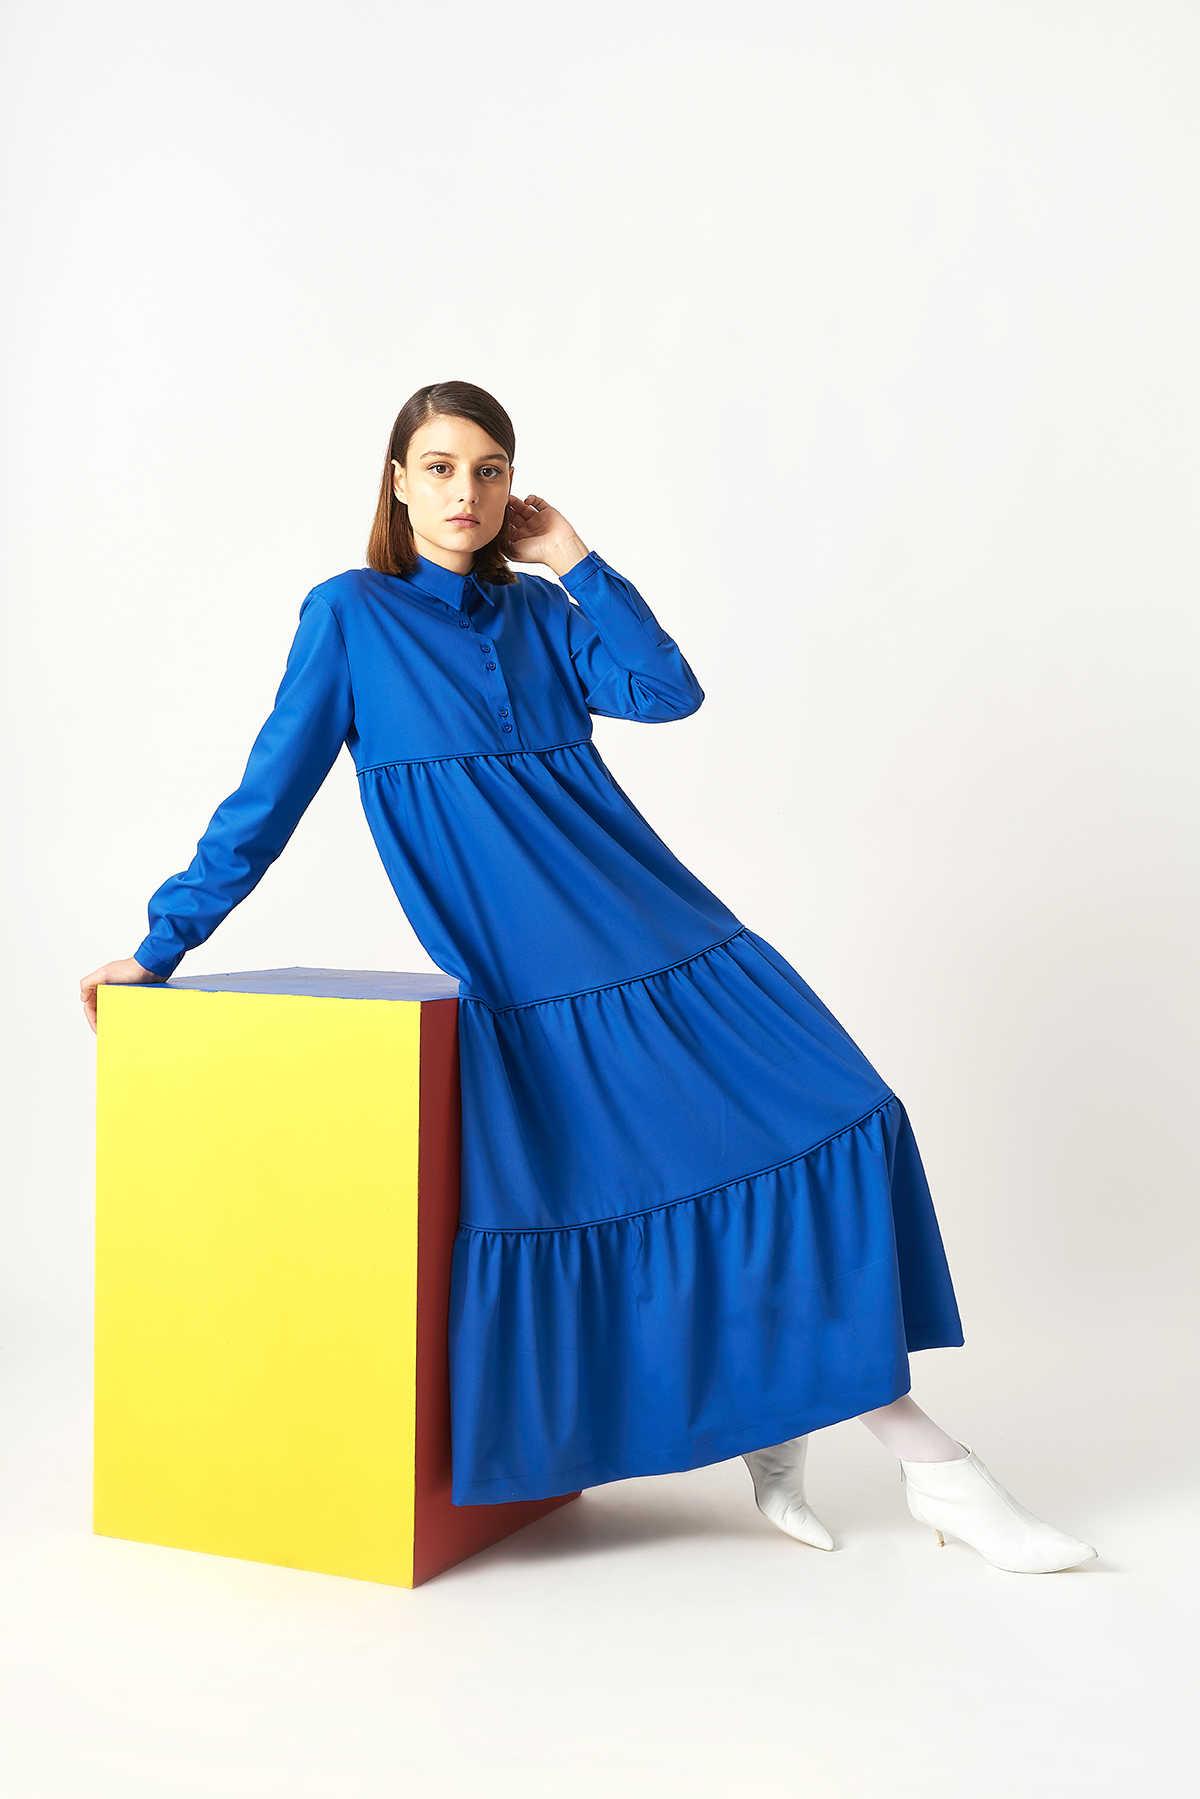 Kuaybe Gider - Kuaybe Gider Mavi Elbise 2101